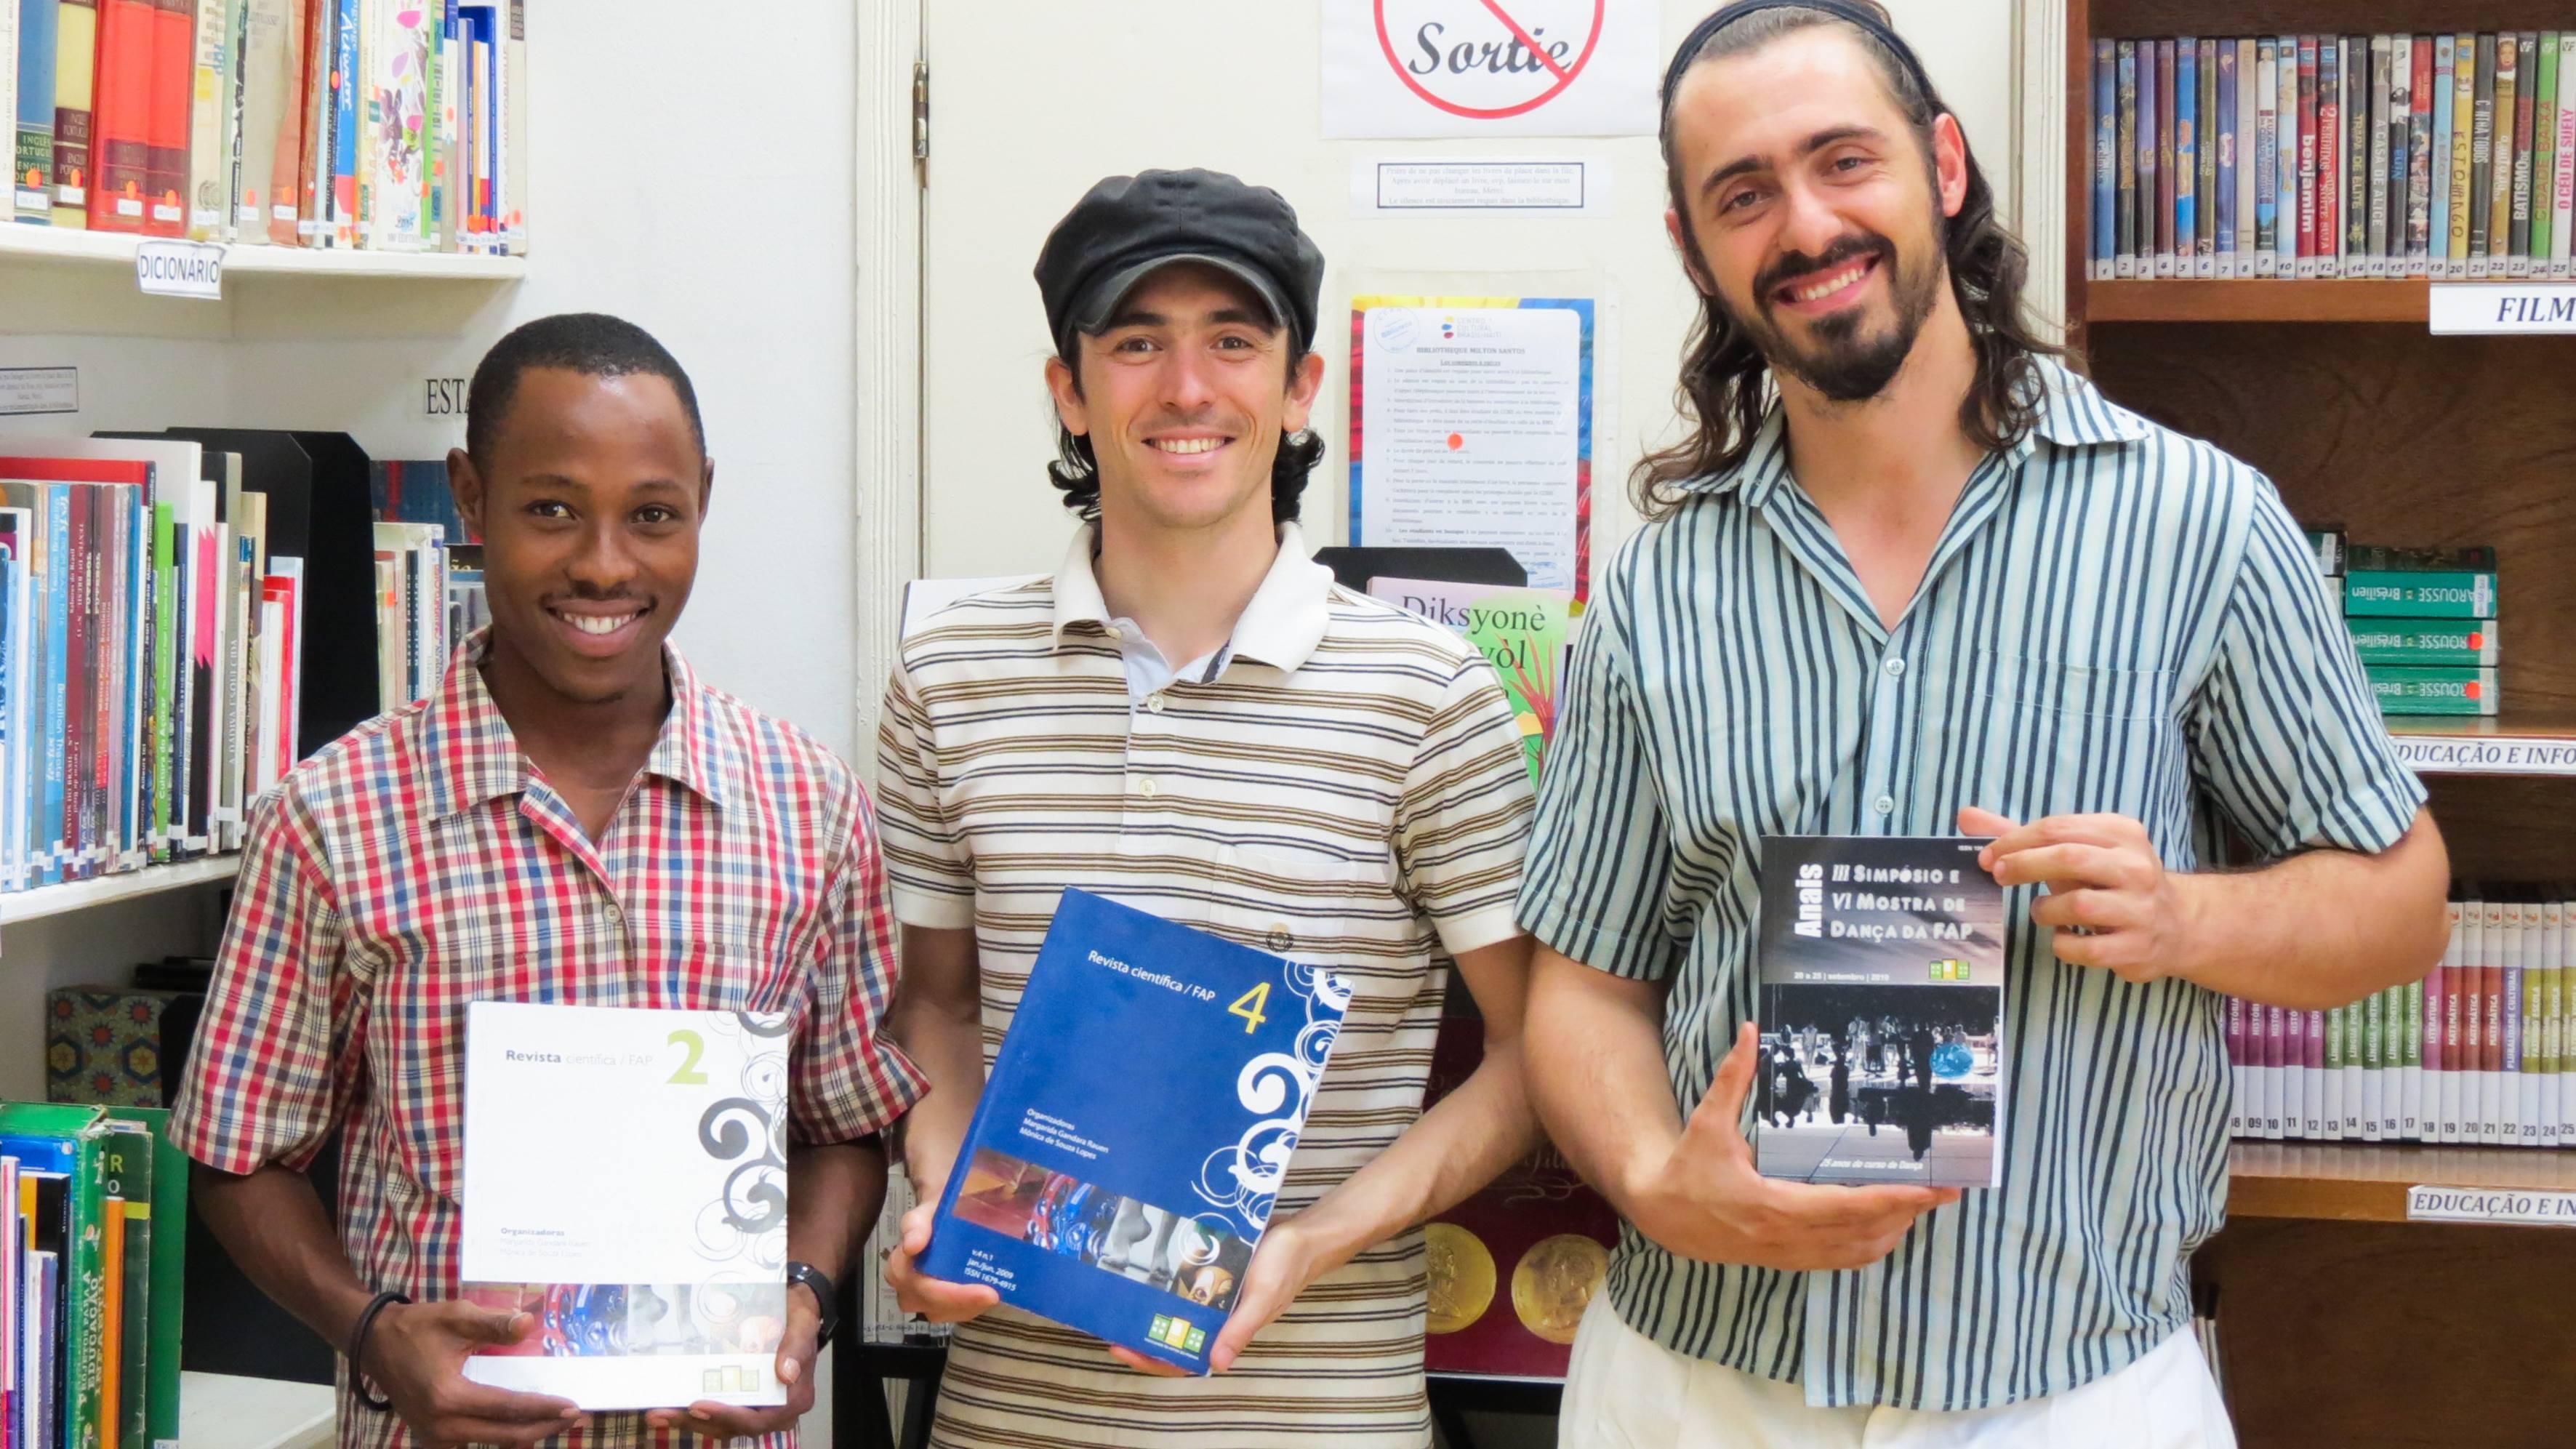 SAUDADE: Pon.te para o Haiti